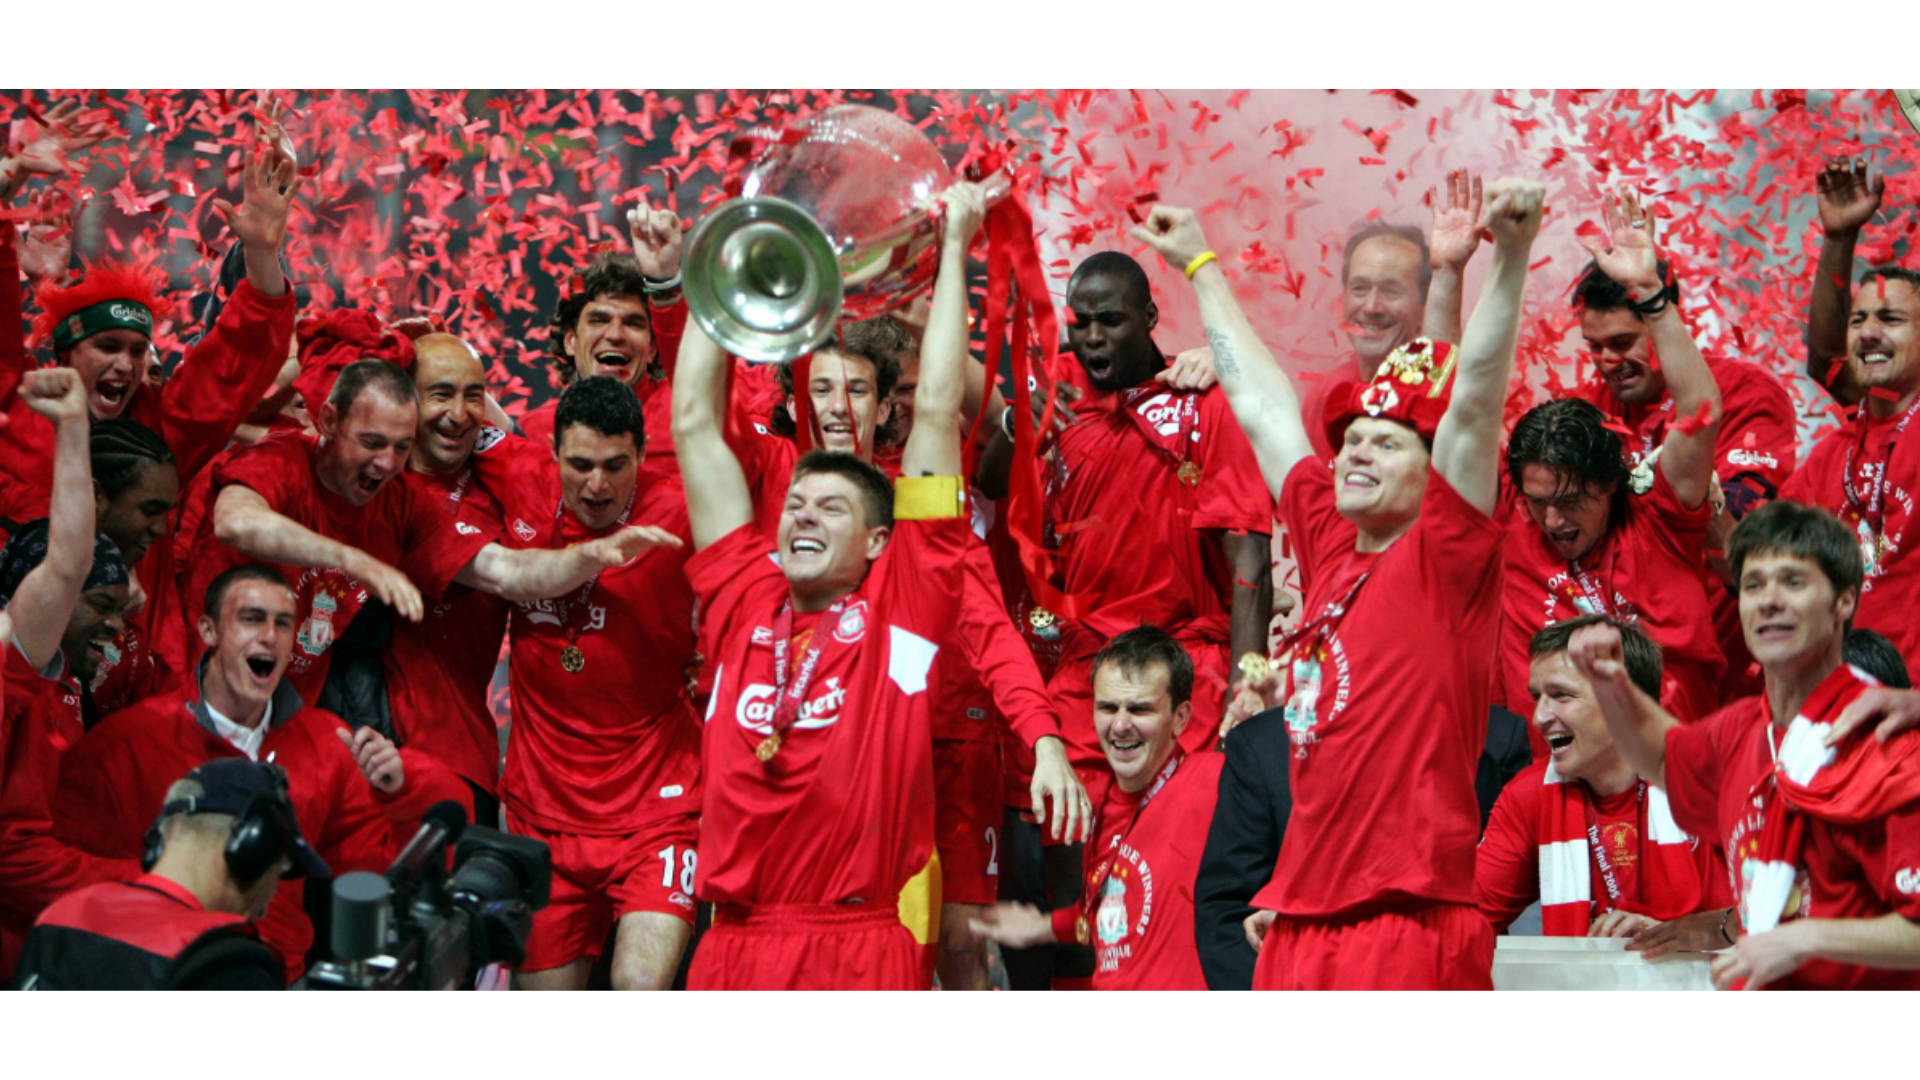 2005 şampiyonlar ligi finali kazanan takımın görseli.